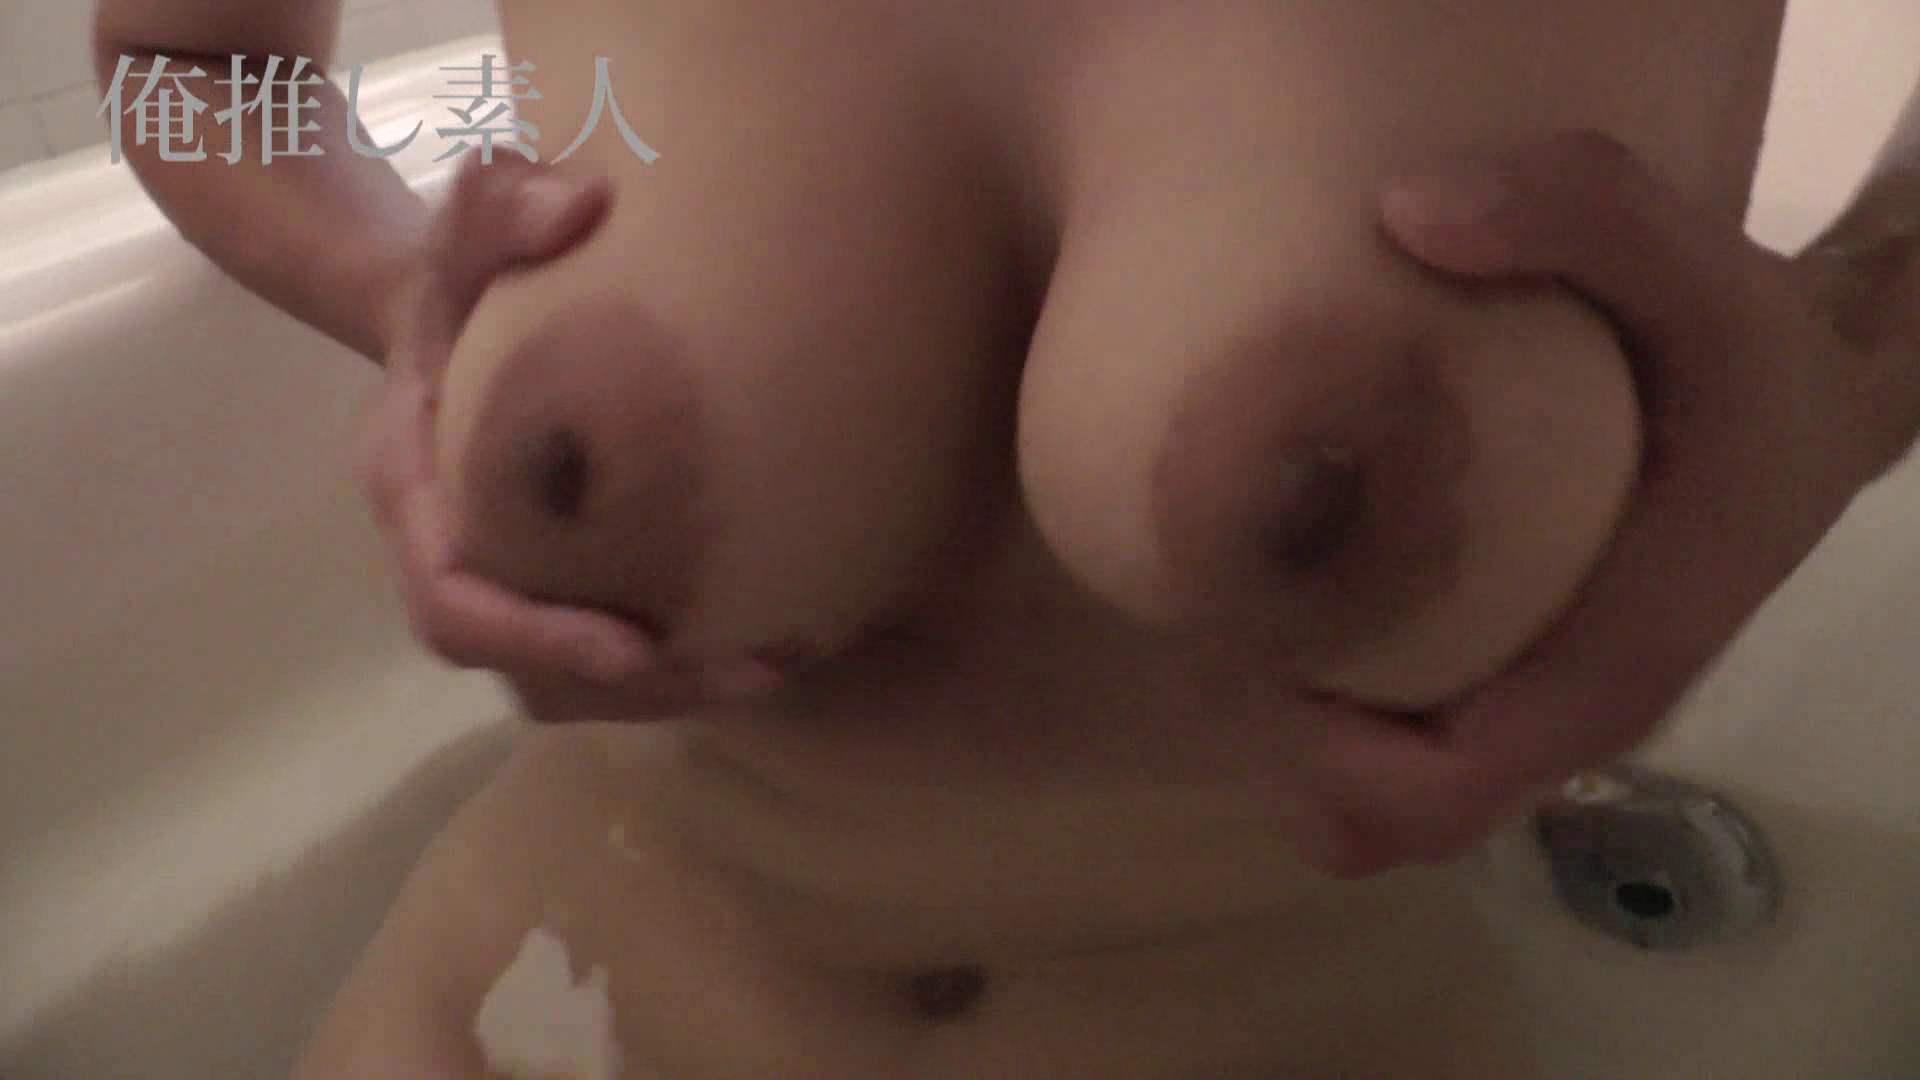 俺推し素人 30代人妻熟女キャバ嬢雫Vol.02 おっぱい  69pic 12